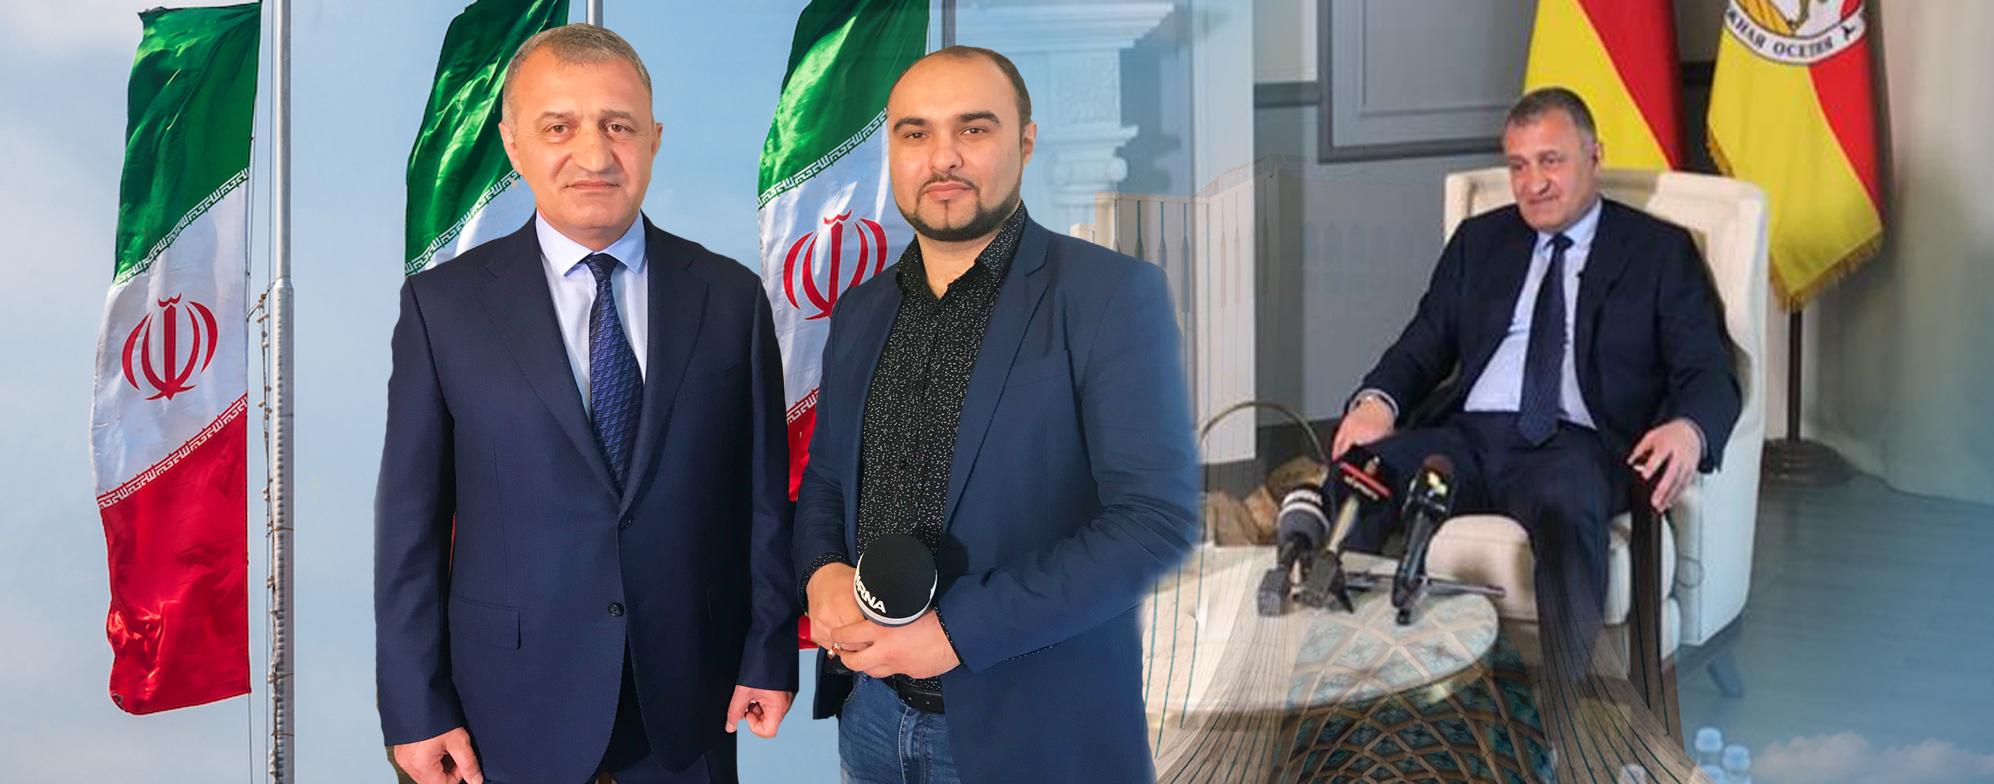 Анатолий Бибилов: Иран – это родственное для осетин государство | Хаял Муаззин |